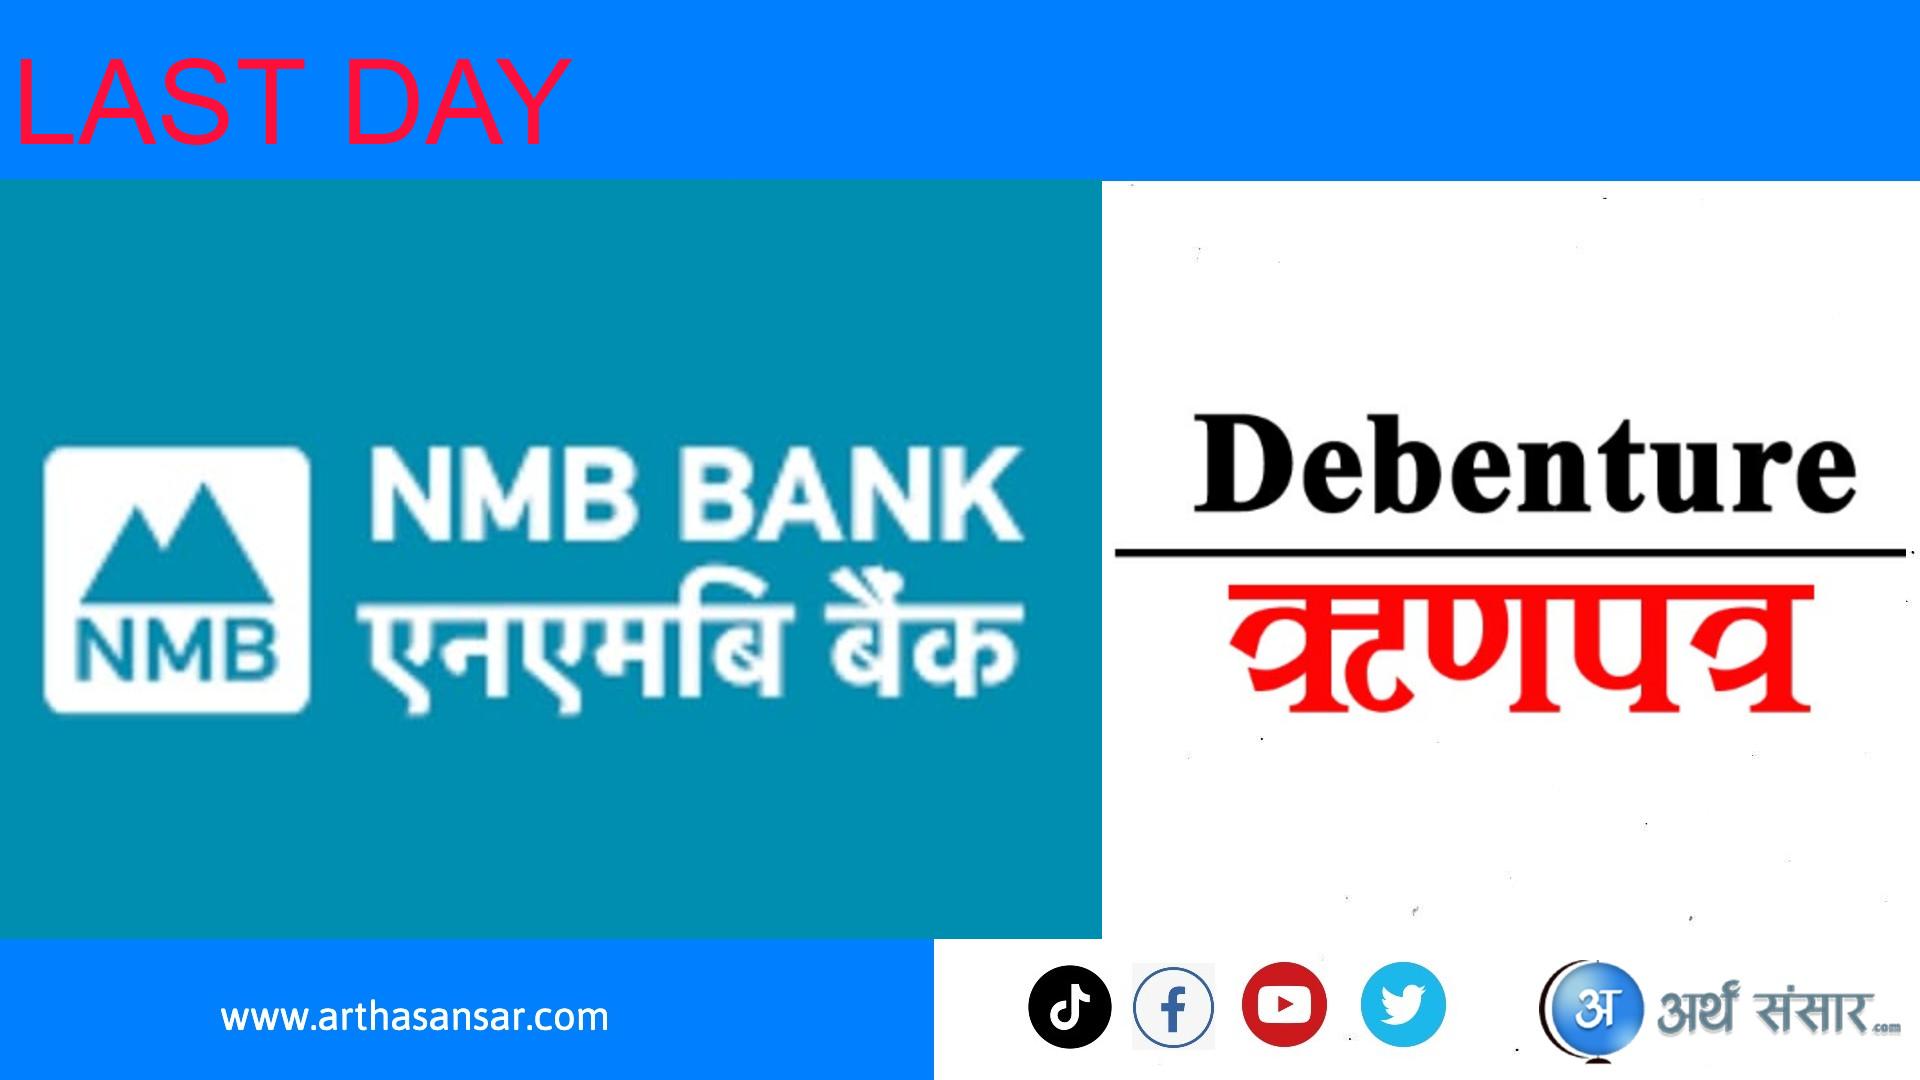 एनएमबि बैंकको उर्जा ऋणपत्रमा आवेदन दिने अन्तिम मौका आज